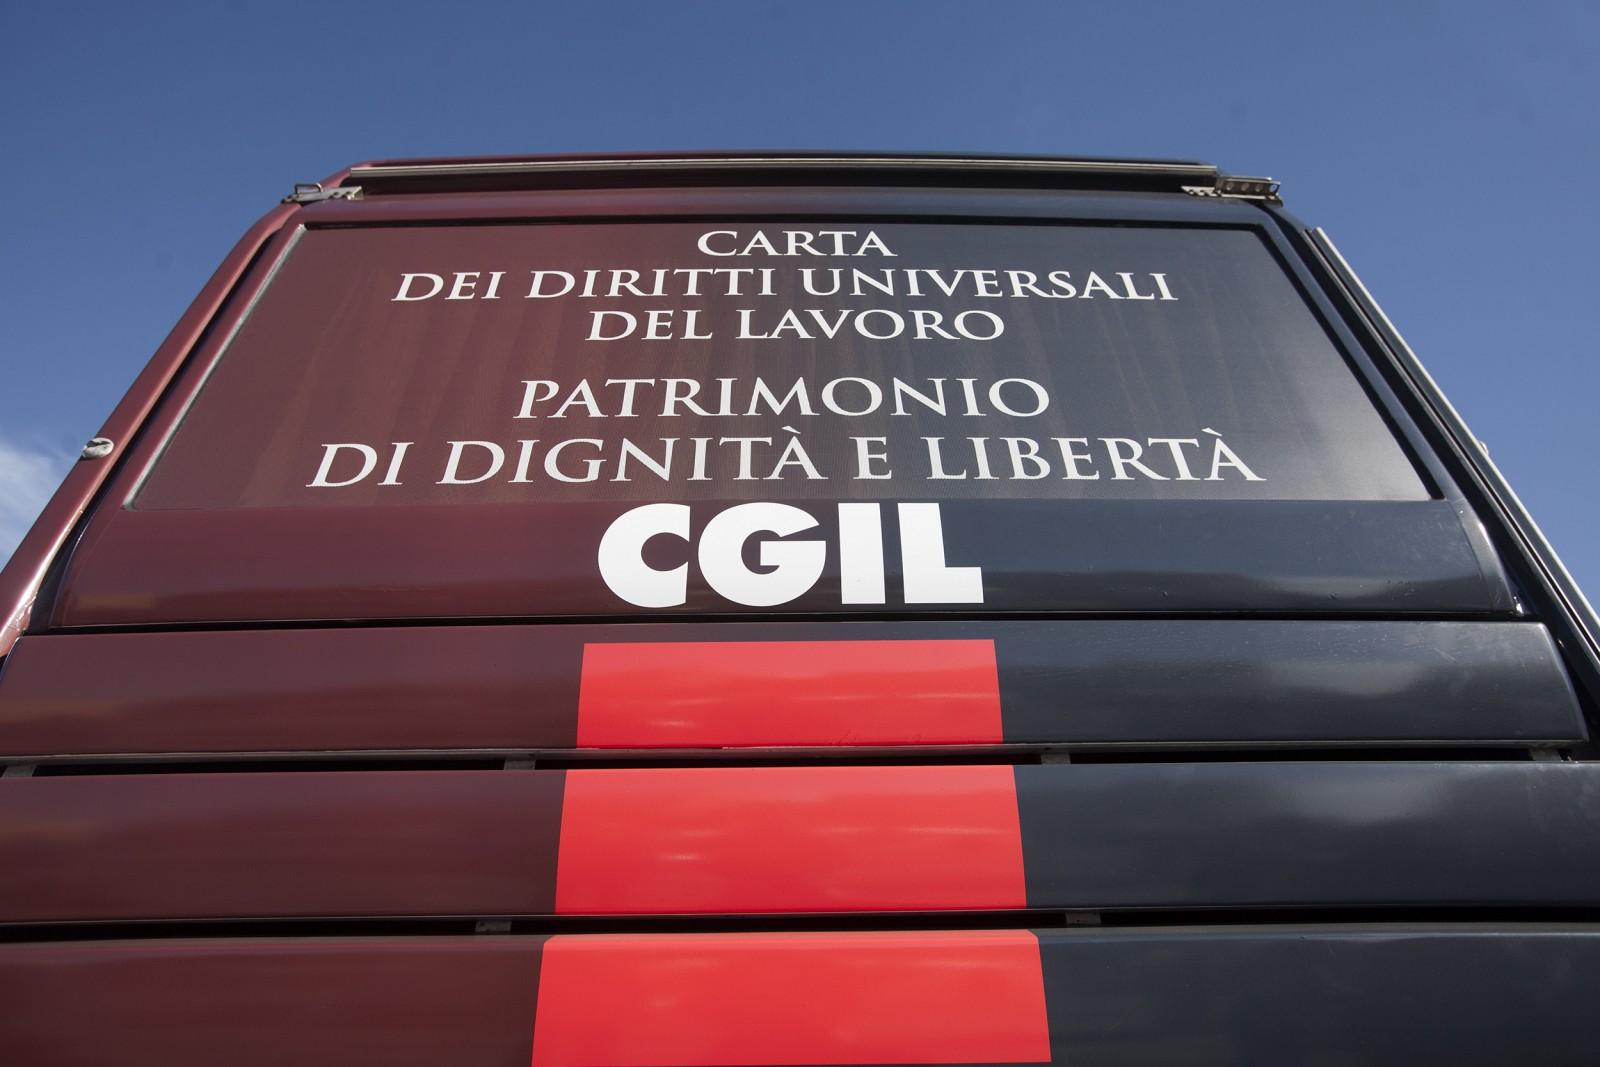 Avellino| I permessi personali e il diniego del datore di lavoro, dibattito alla Cgil